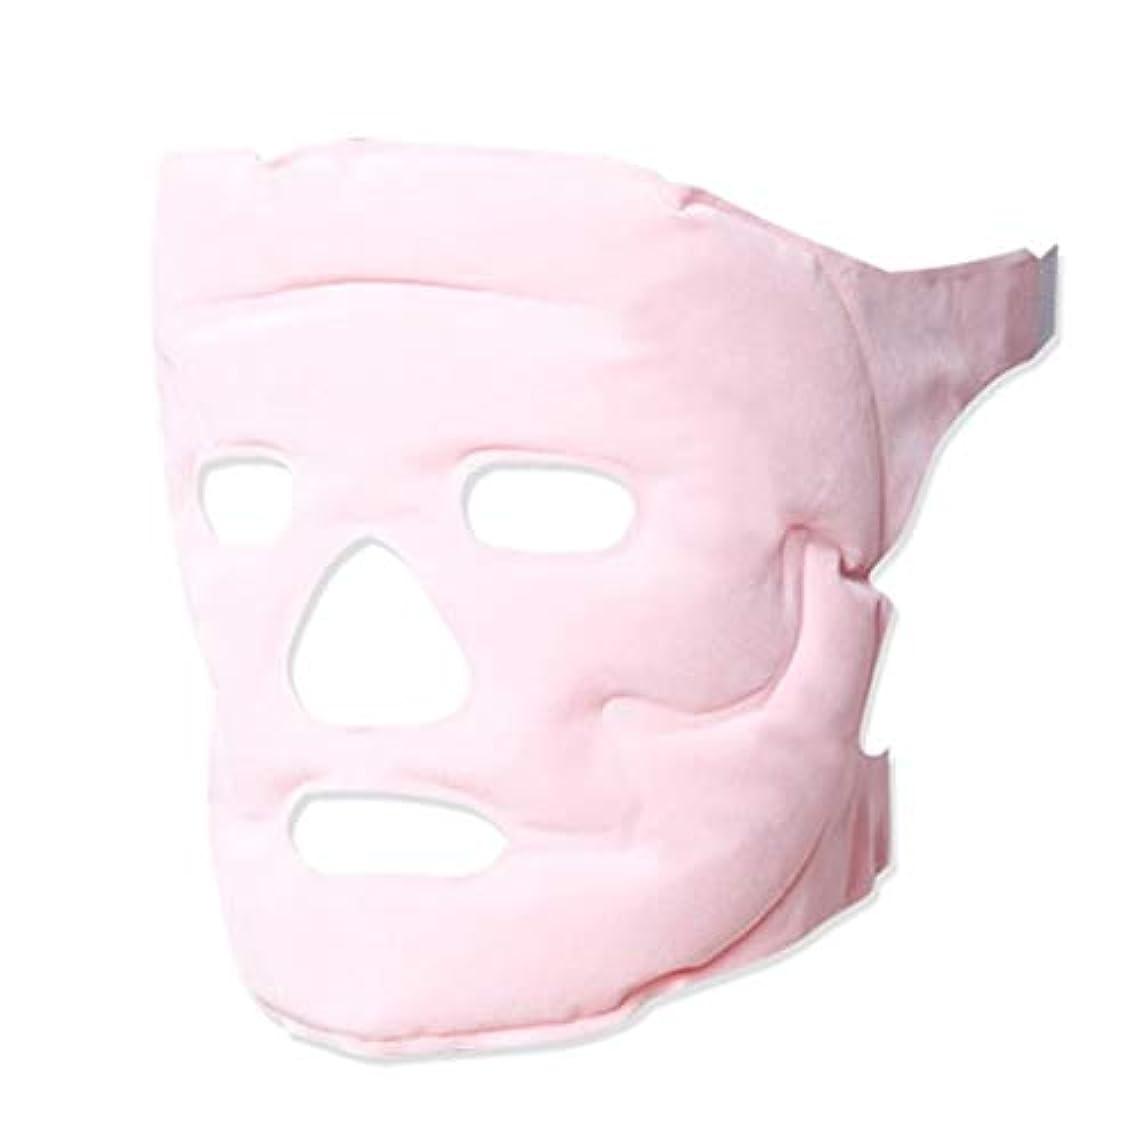 欲しいですジーンズのぞき穴ZWBD フェイスマスク, フェイスリフティング包帯Vフェイスマスク睡眠薄い顔美容マスク磁気療法リフティング顔引き締め令包帯